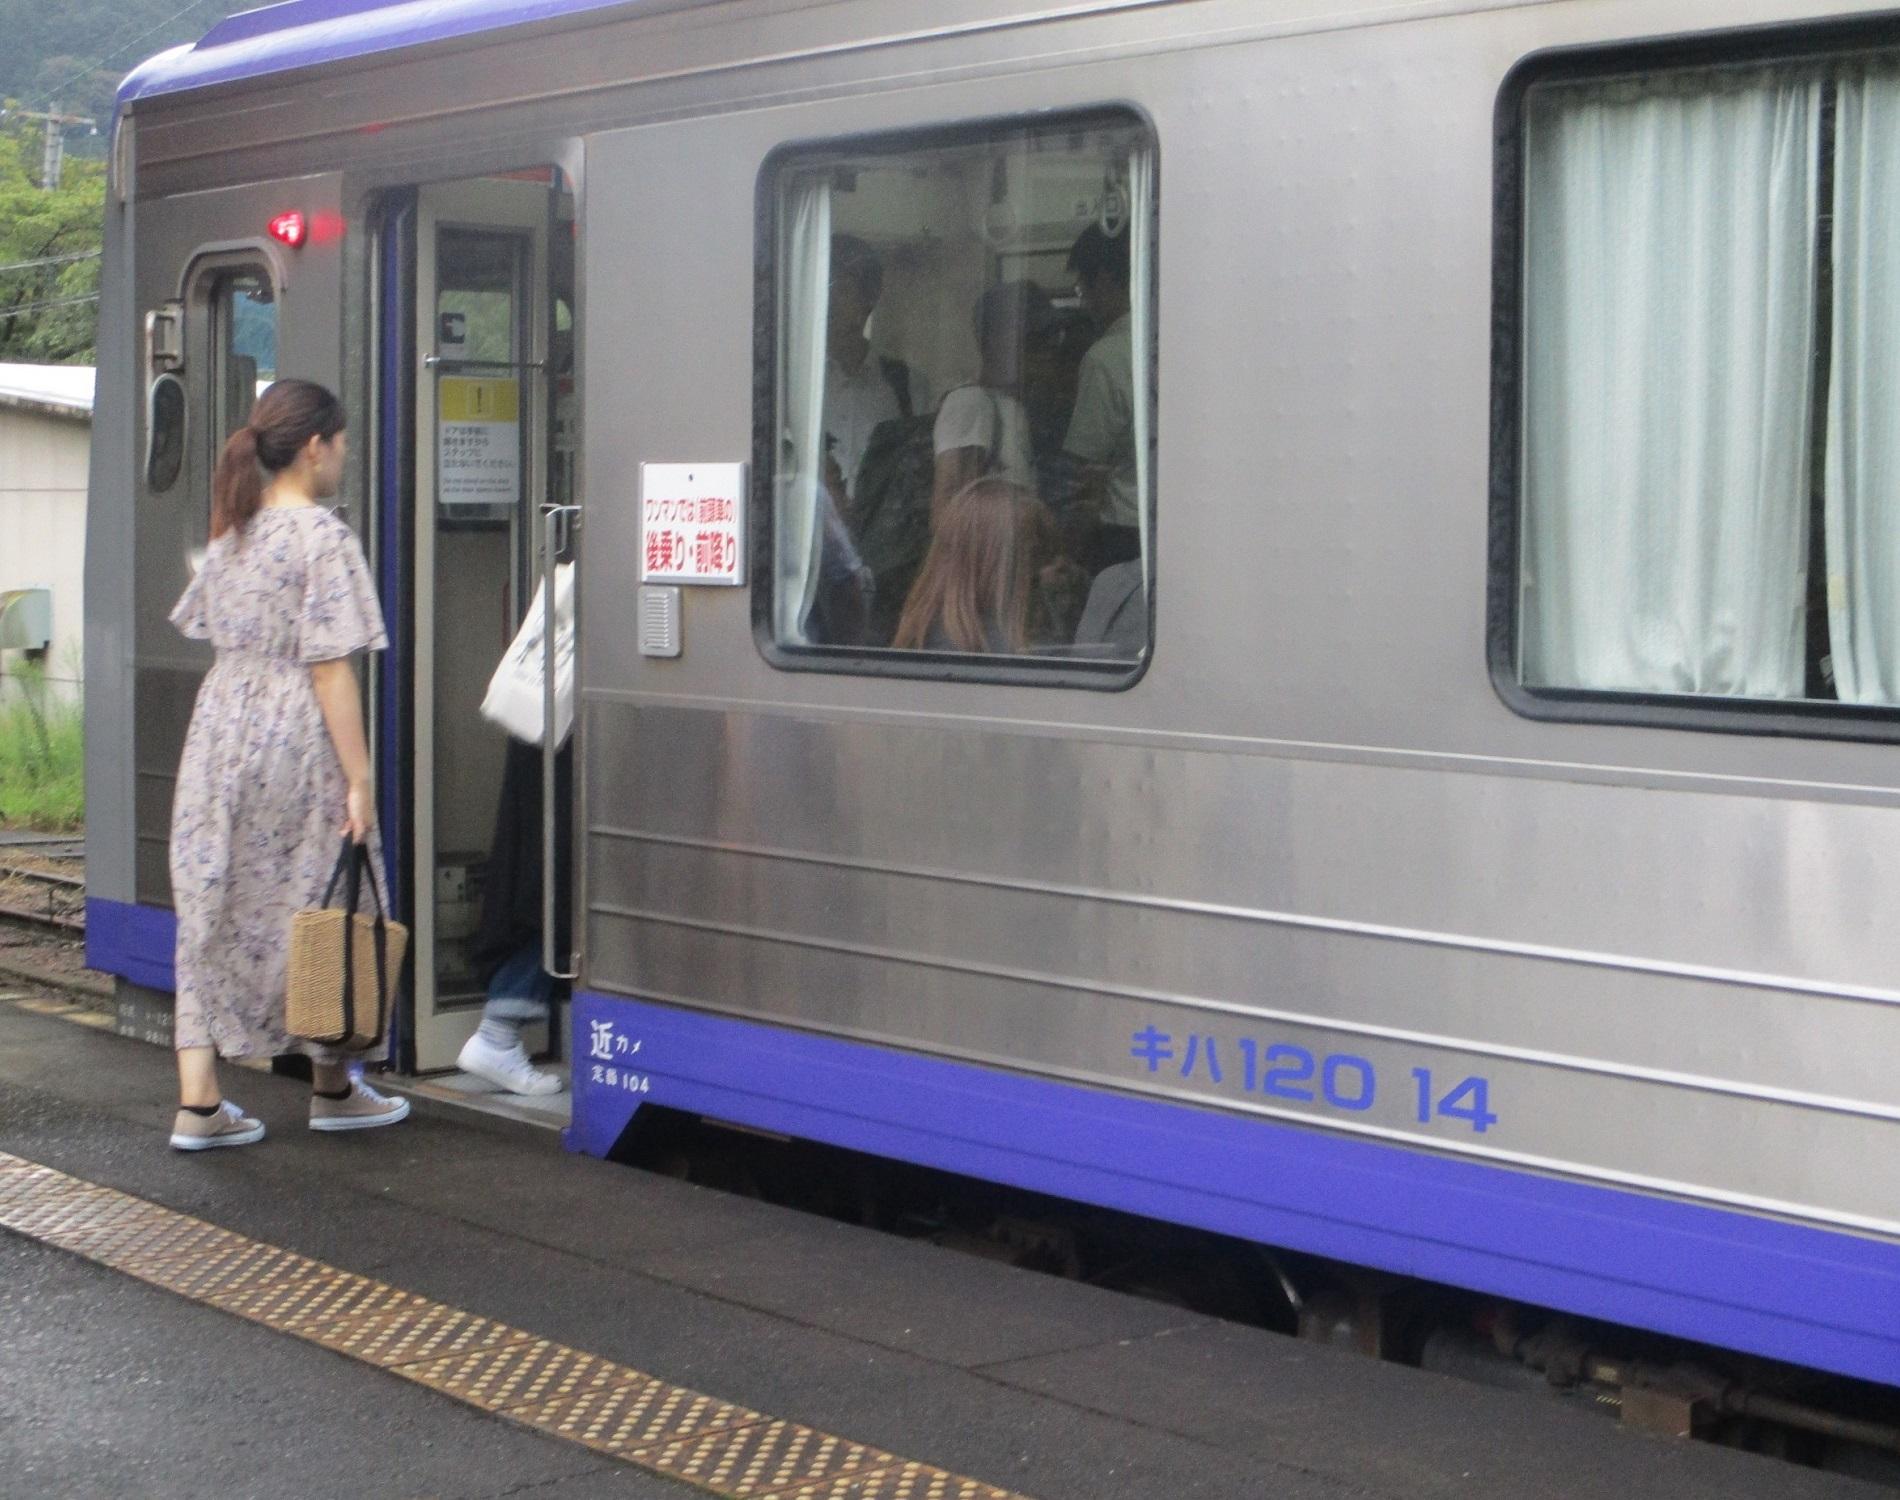 2019.9.4 (109) 笠置 - 加茂いきふつう 1900-1500